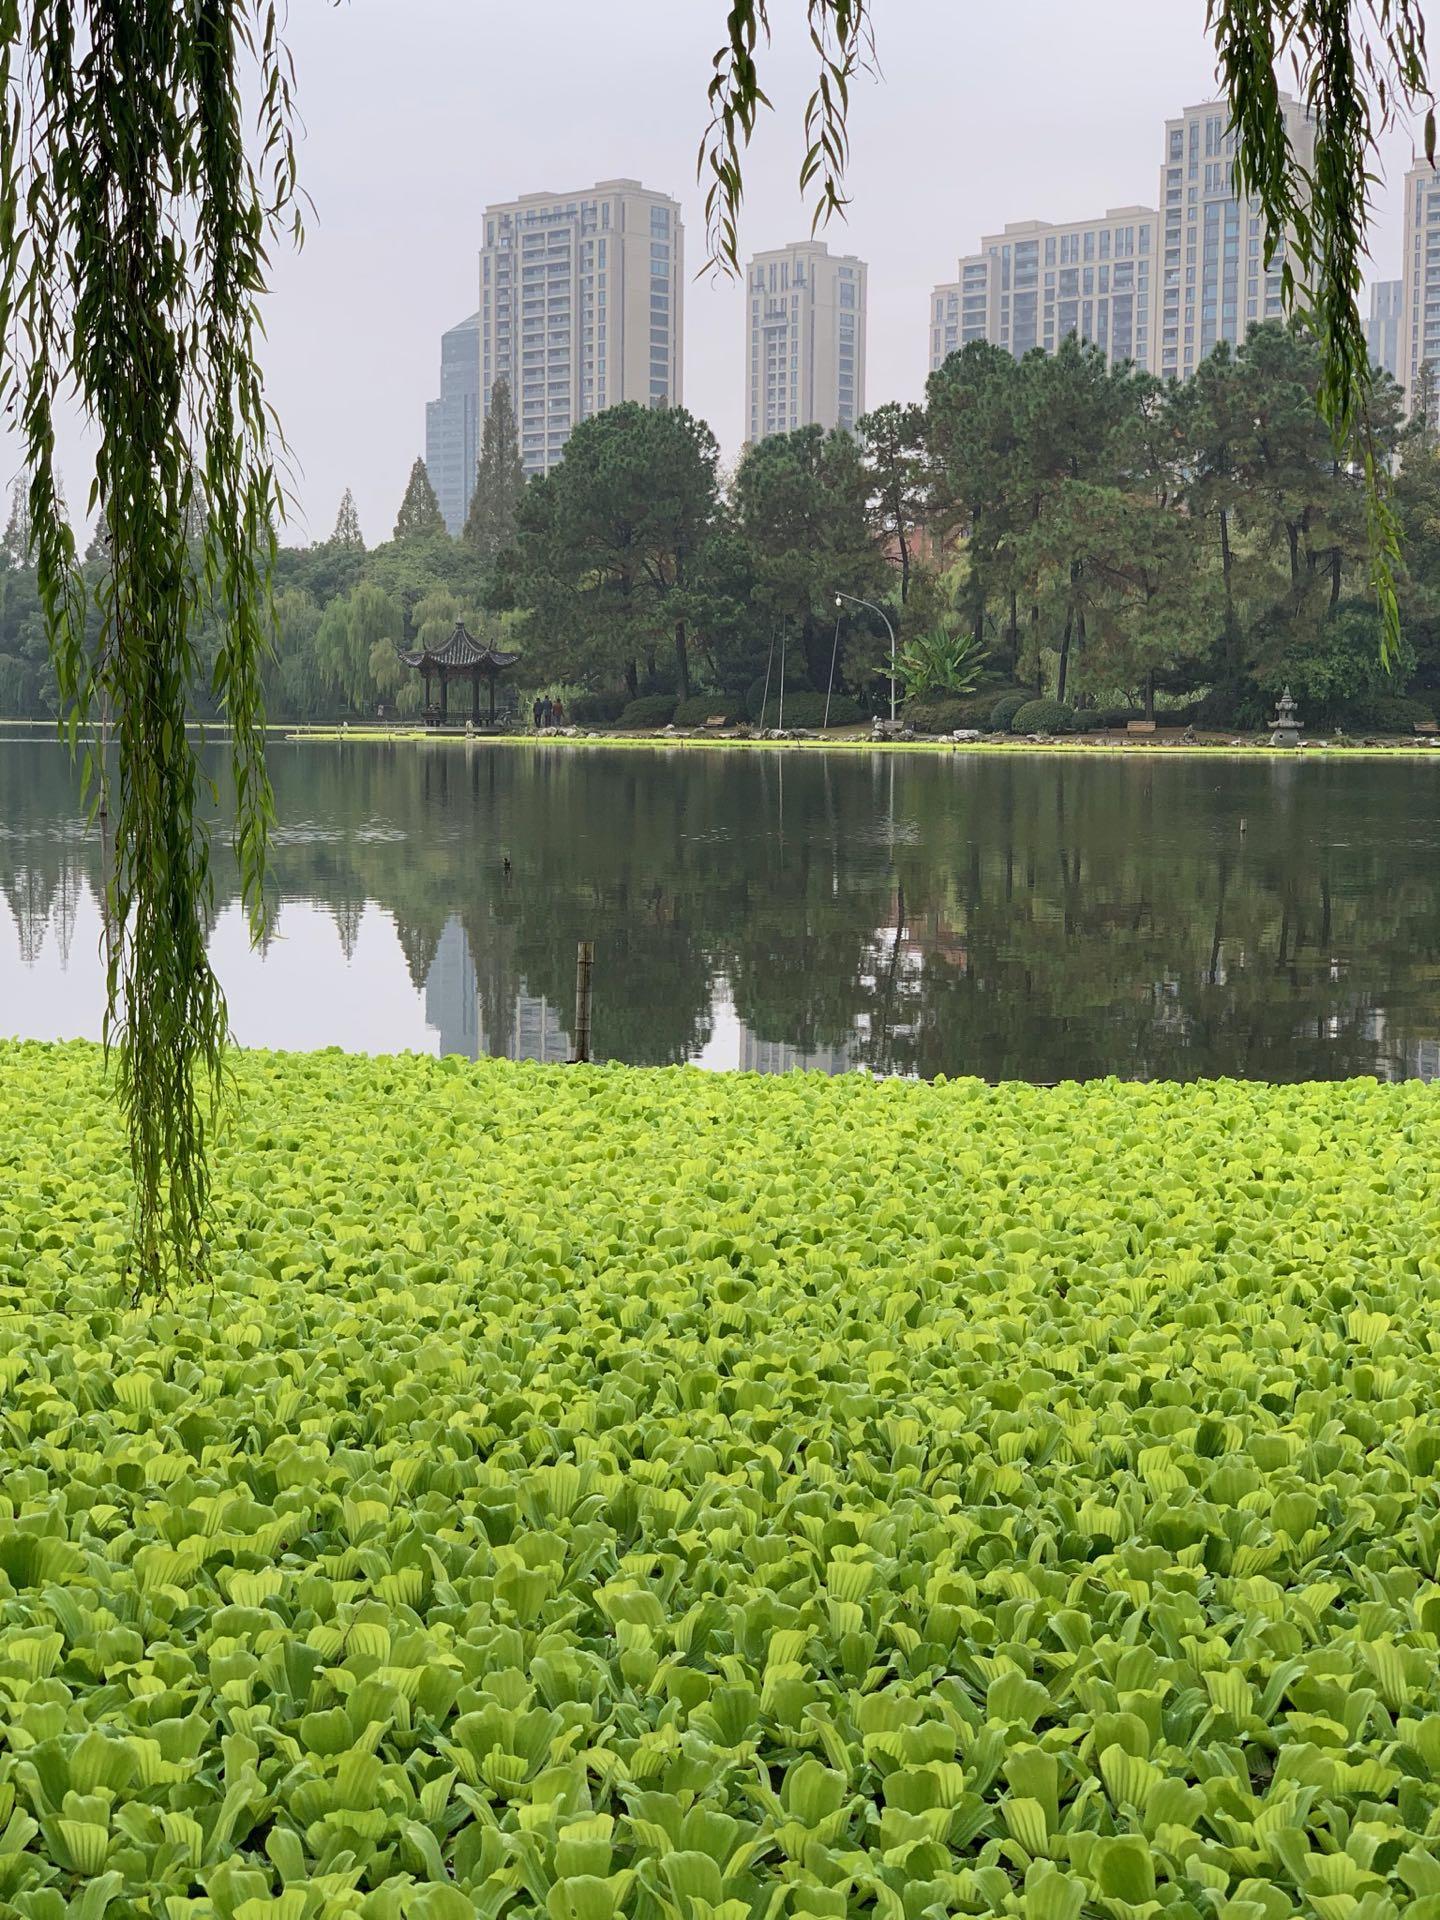 Herbst in Hangzhou